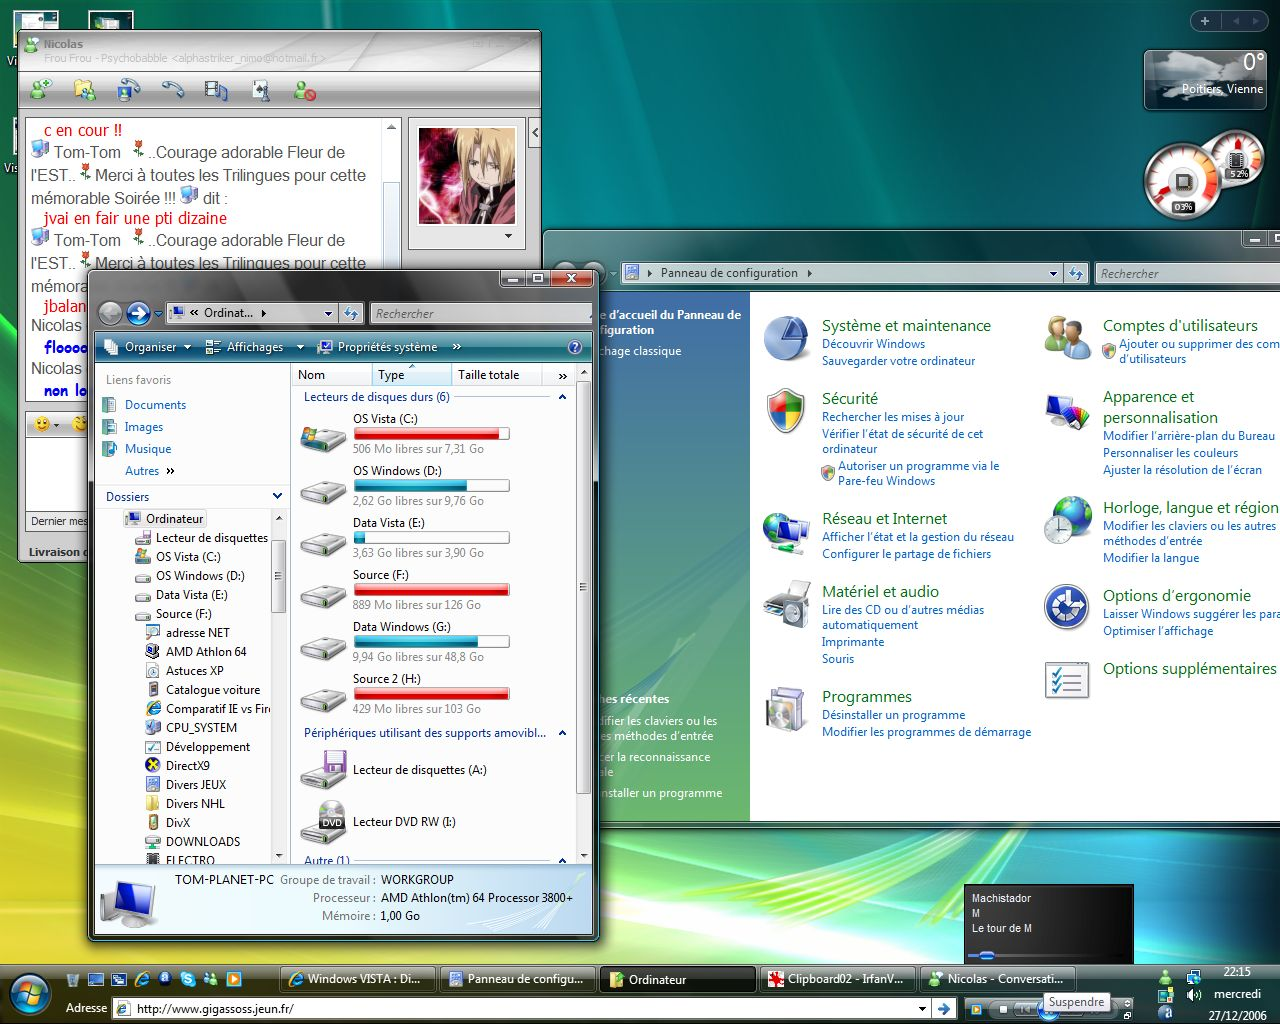 Windows VISTA : Distribution Officiel Vistap14